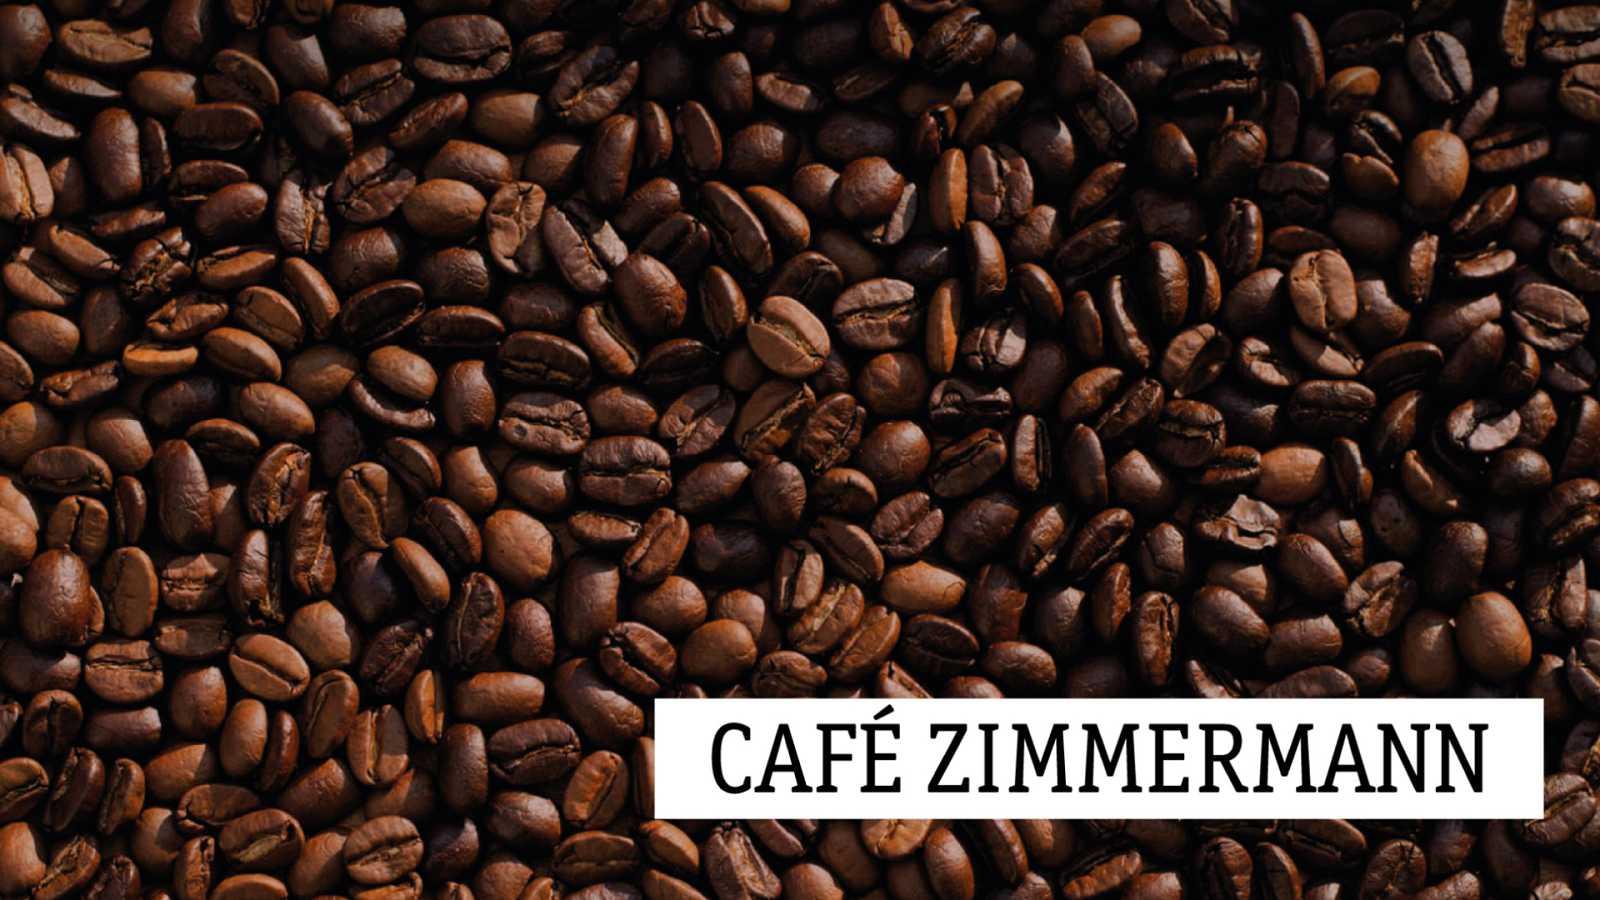 Café Zimmermann - Venecia - 15/04/21 - escuchar ahora